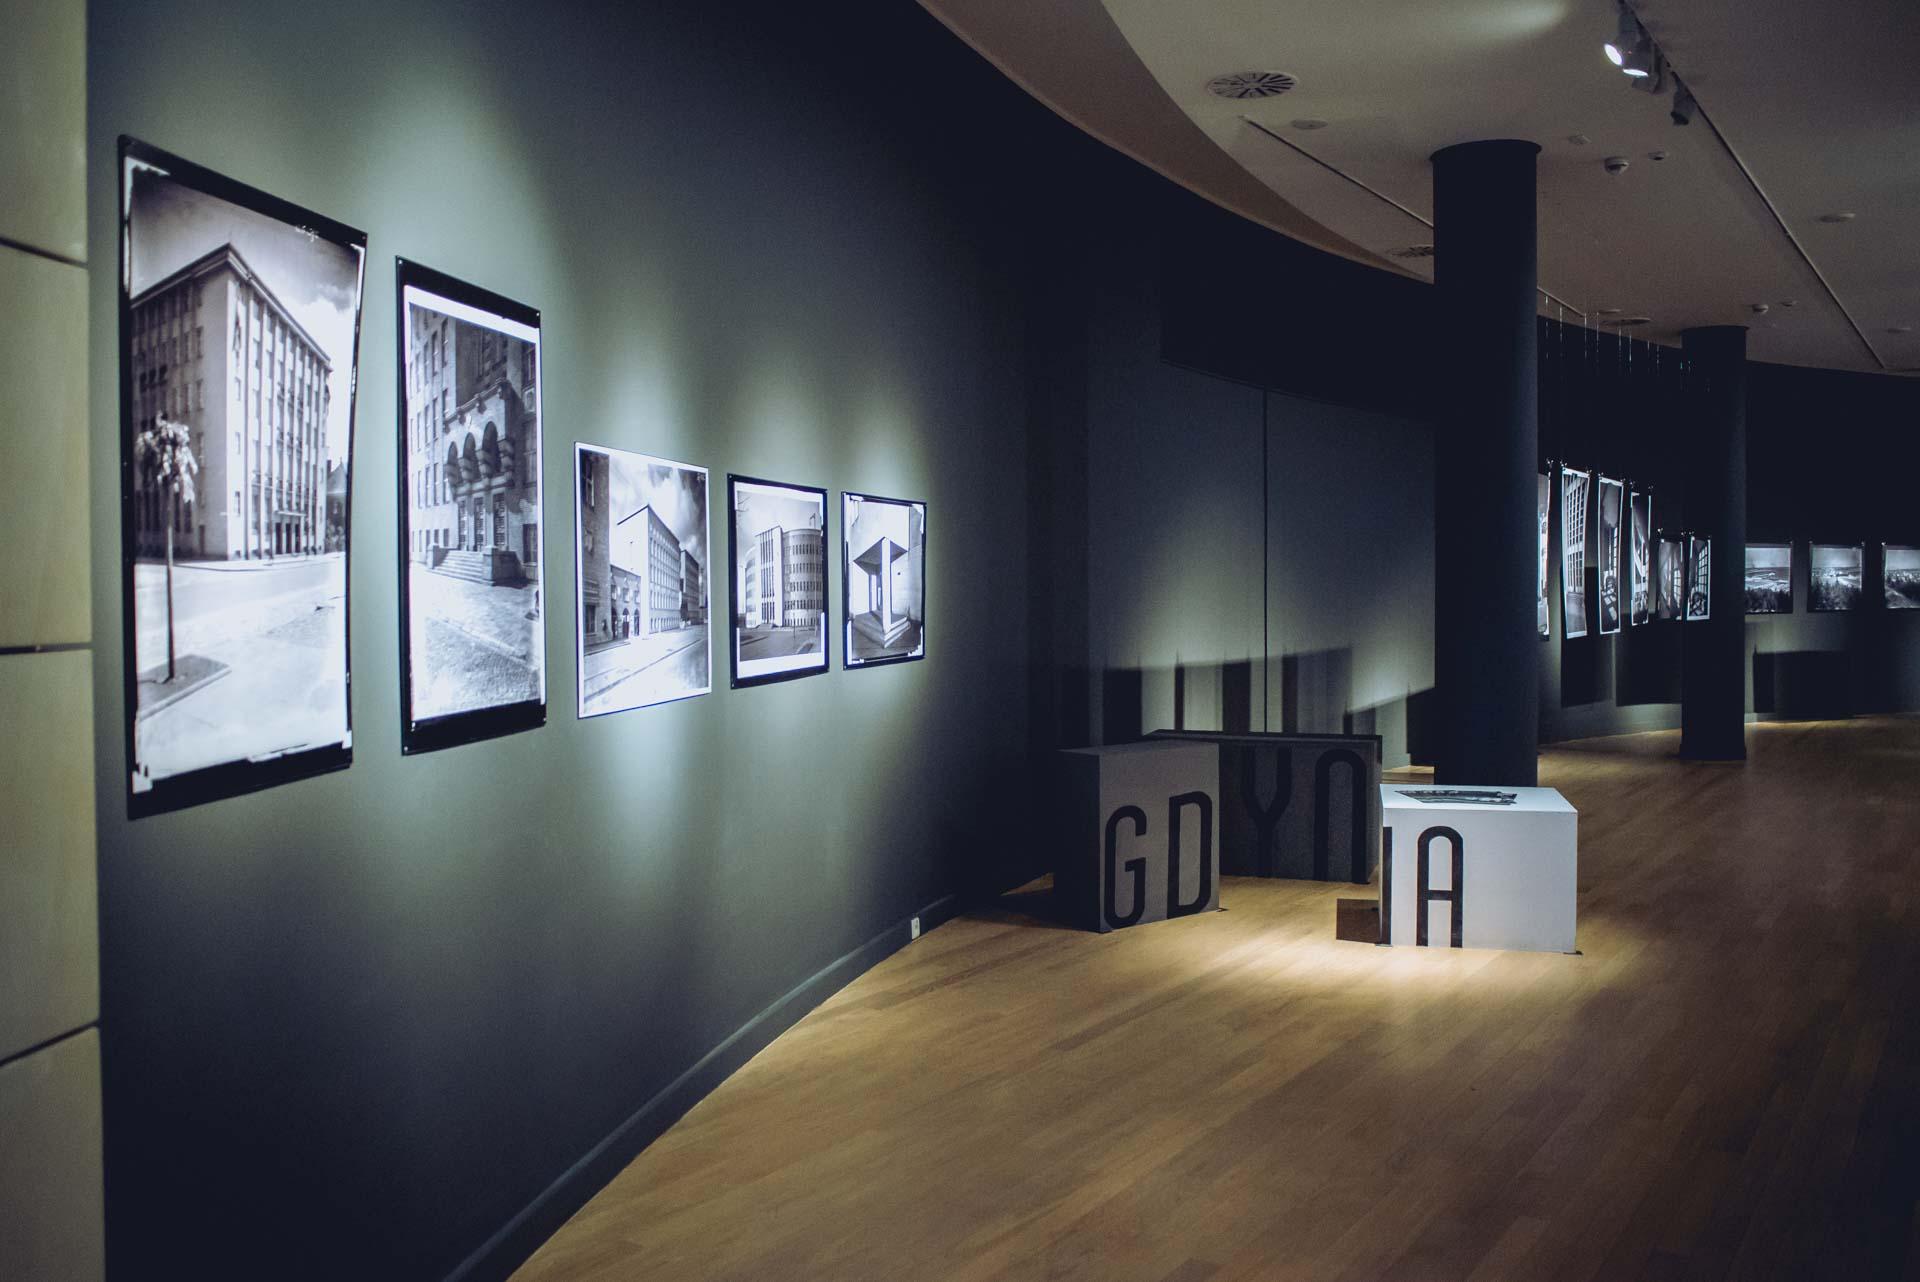 zdjęcia wykonane w Muzemum Miasta Gdyni, dokumentujące oprowadzanie kuratorskie